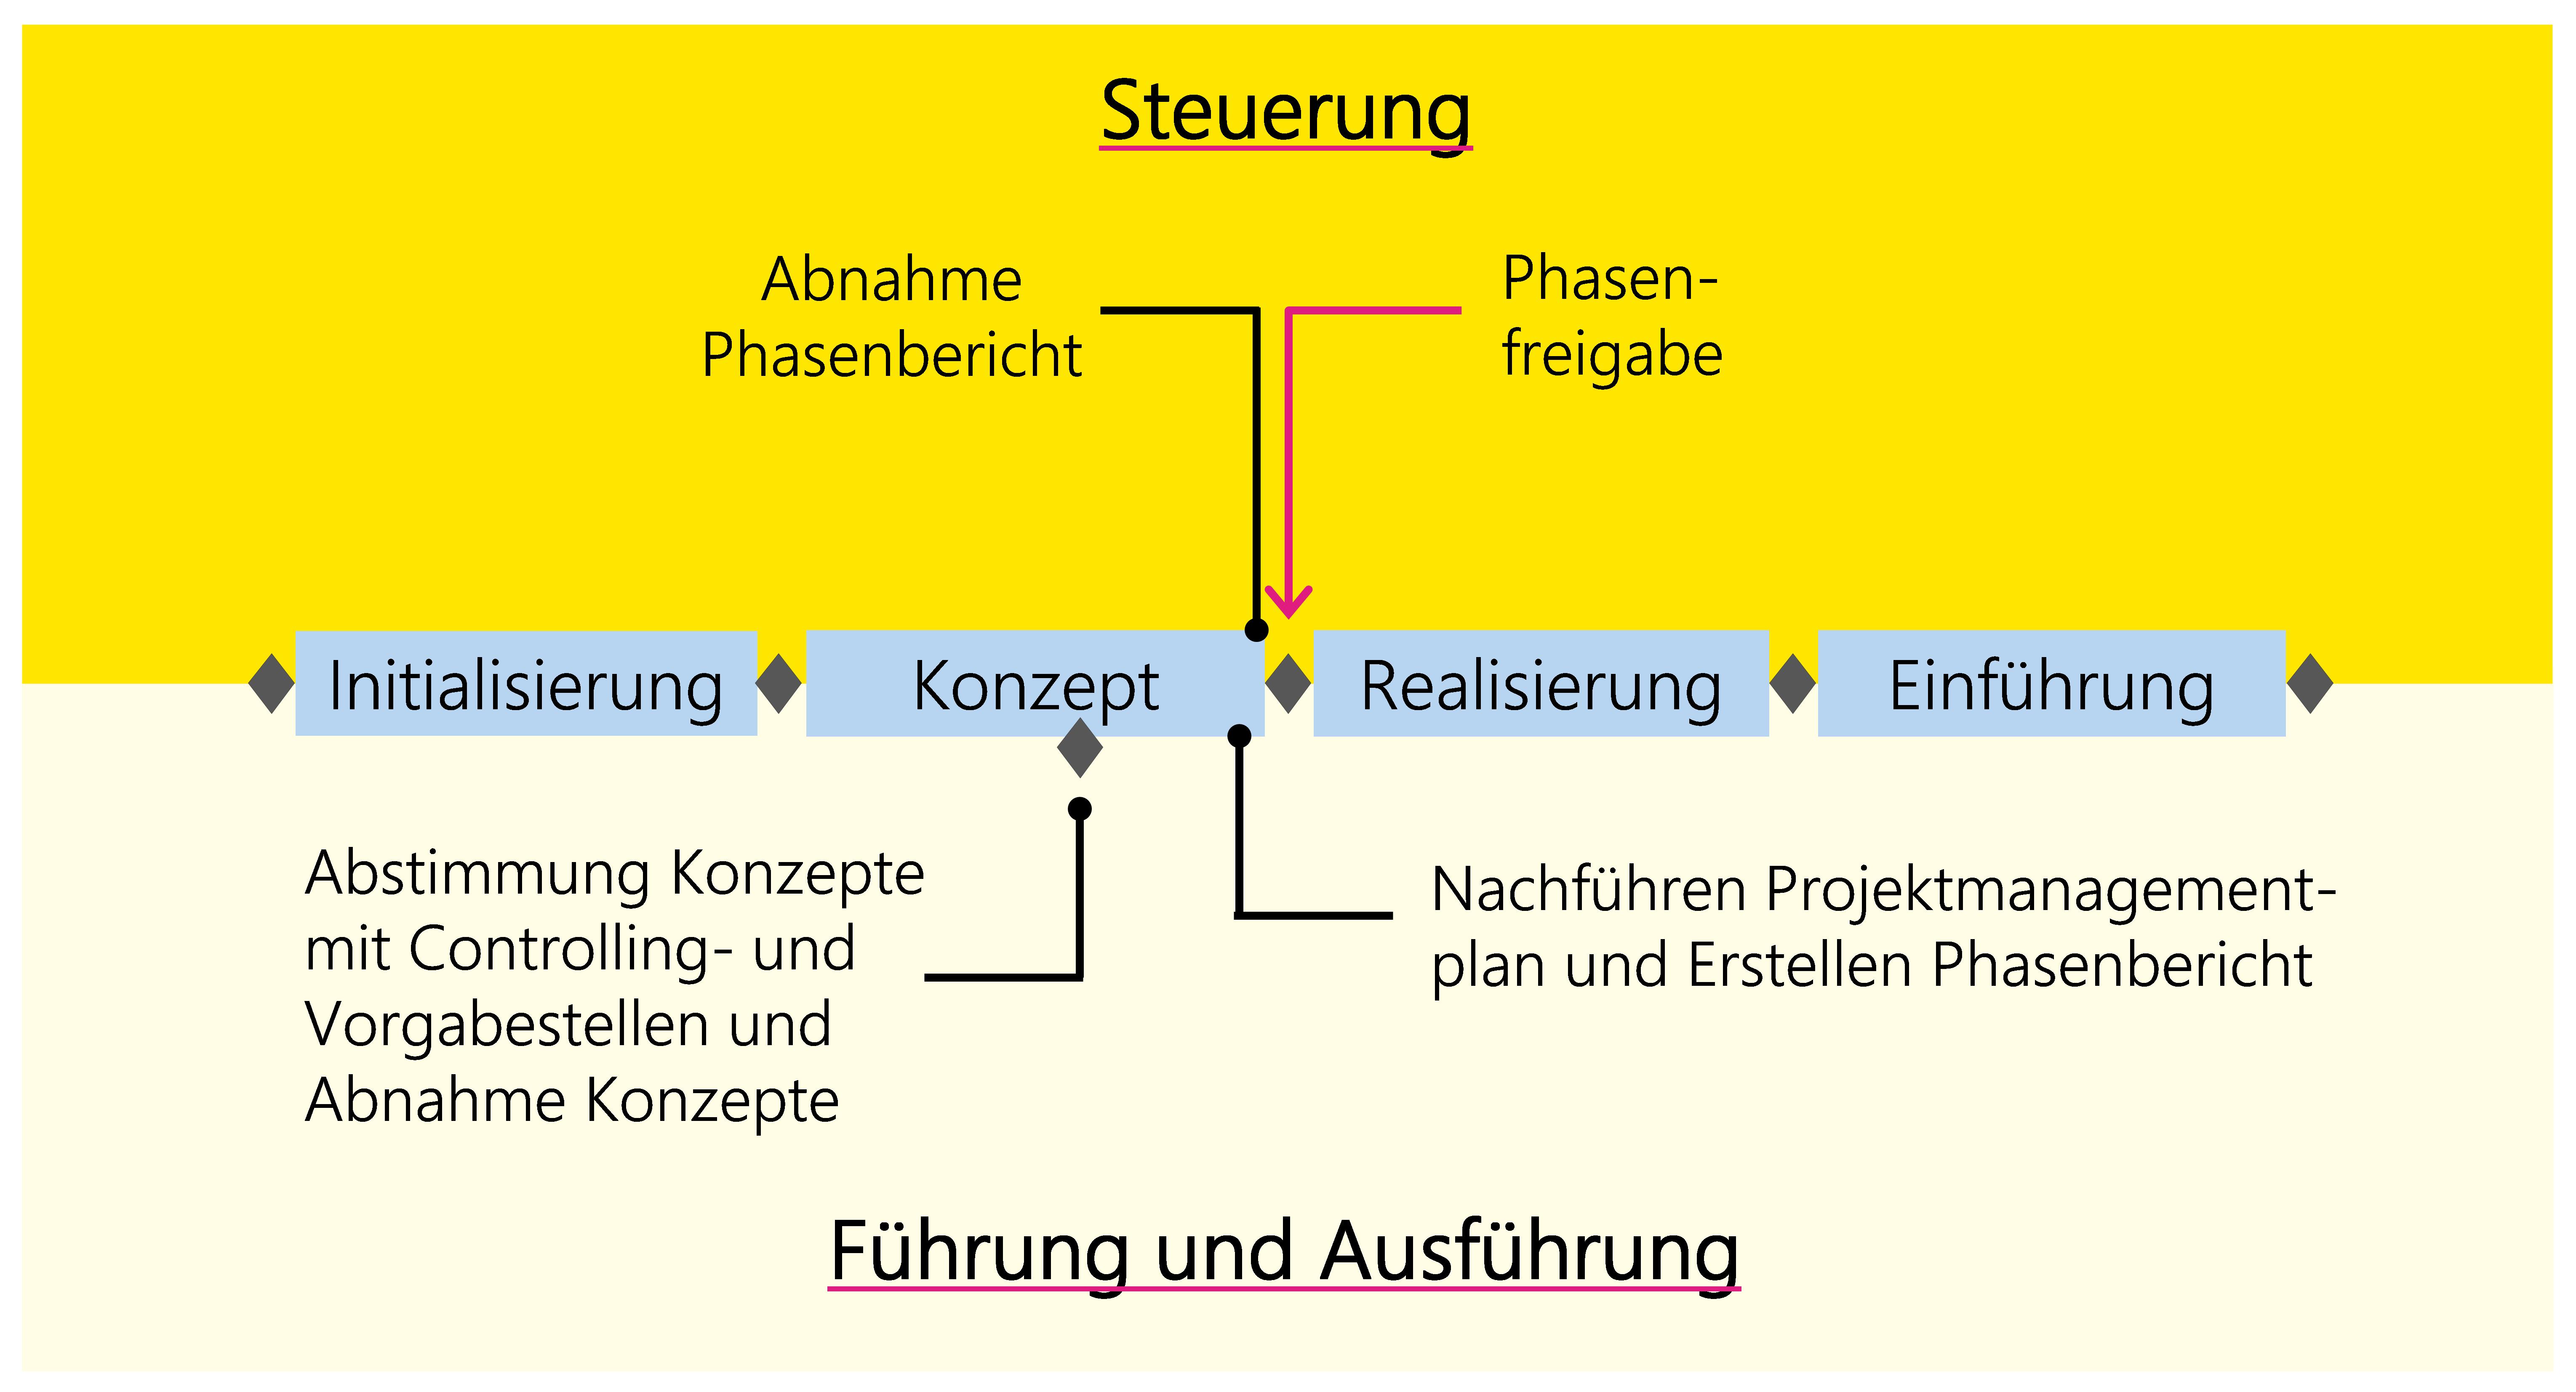 Abbildung 19: Beispiel eines typischen Entscheidungsprozesses